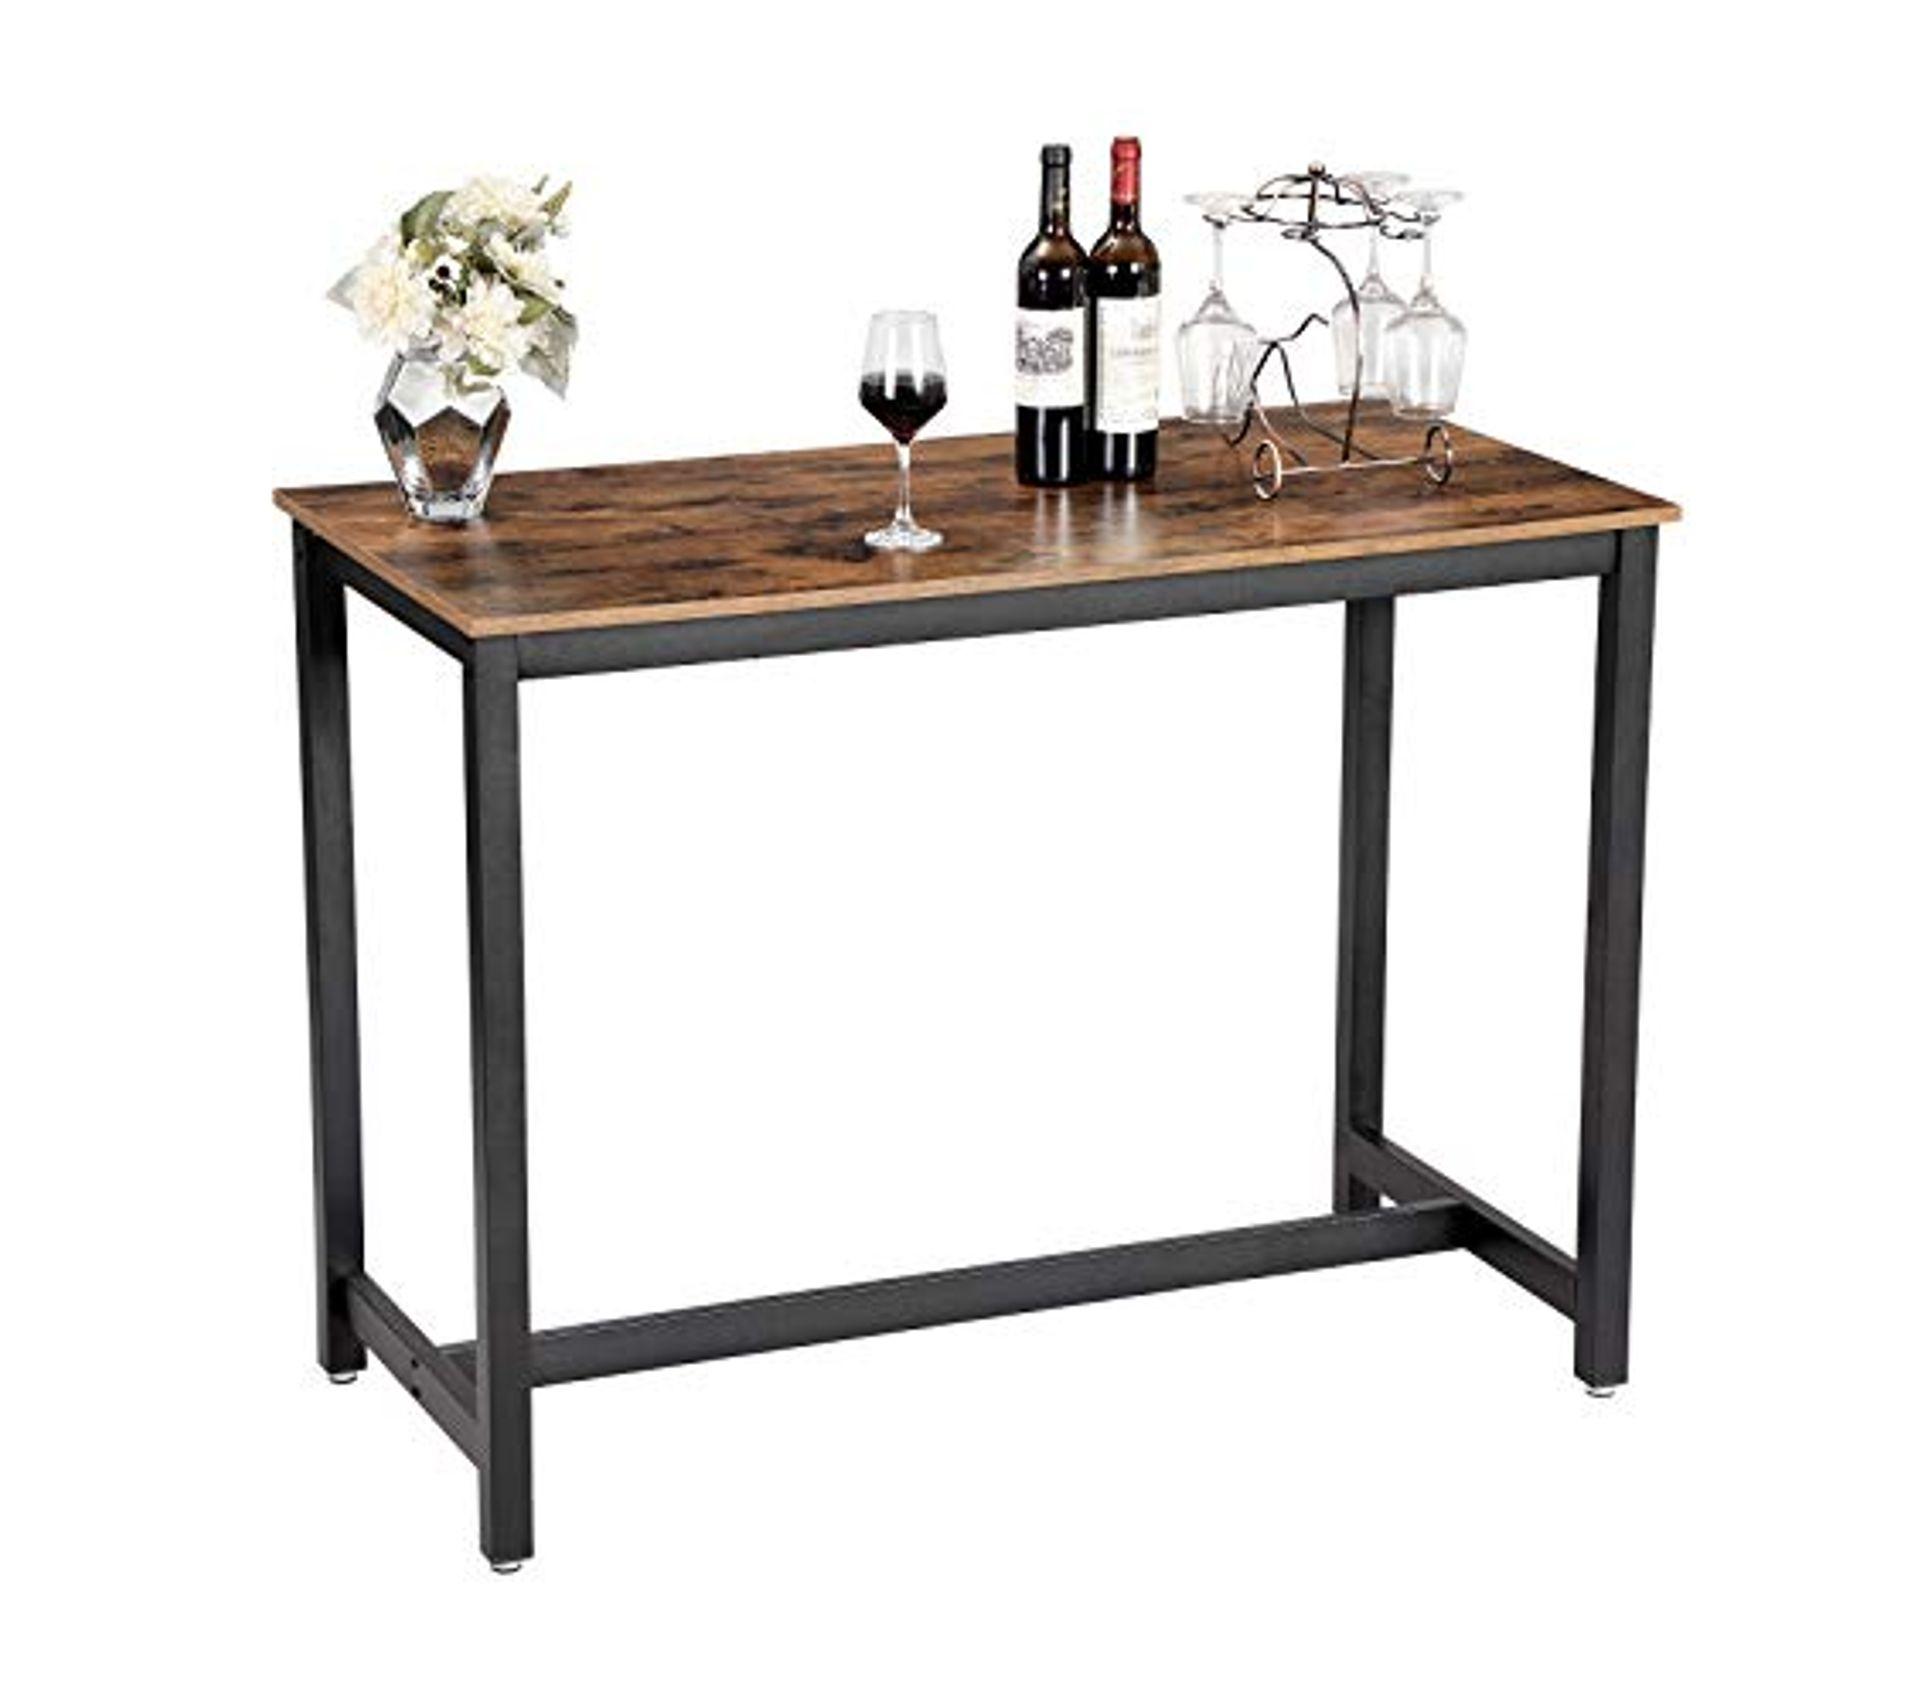 Table Haute De Bar Table A Manger Cadre En Metal Table Haute Et Mange Debout But